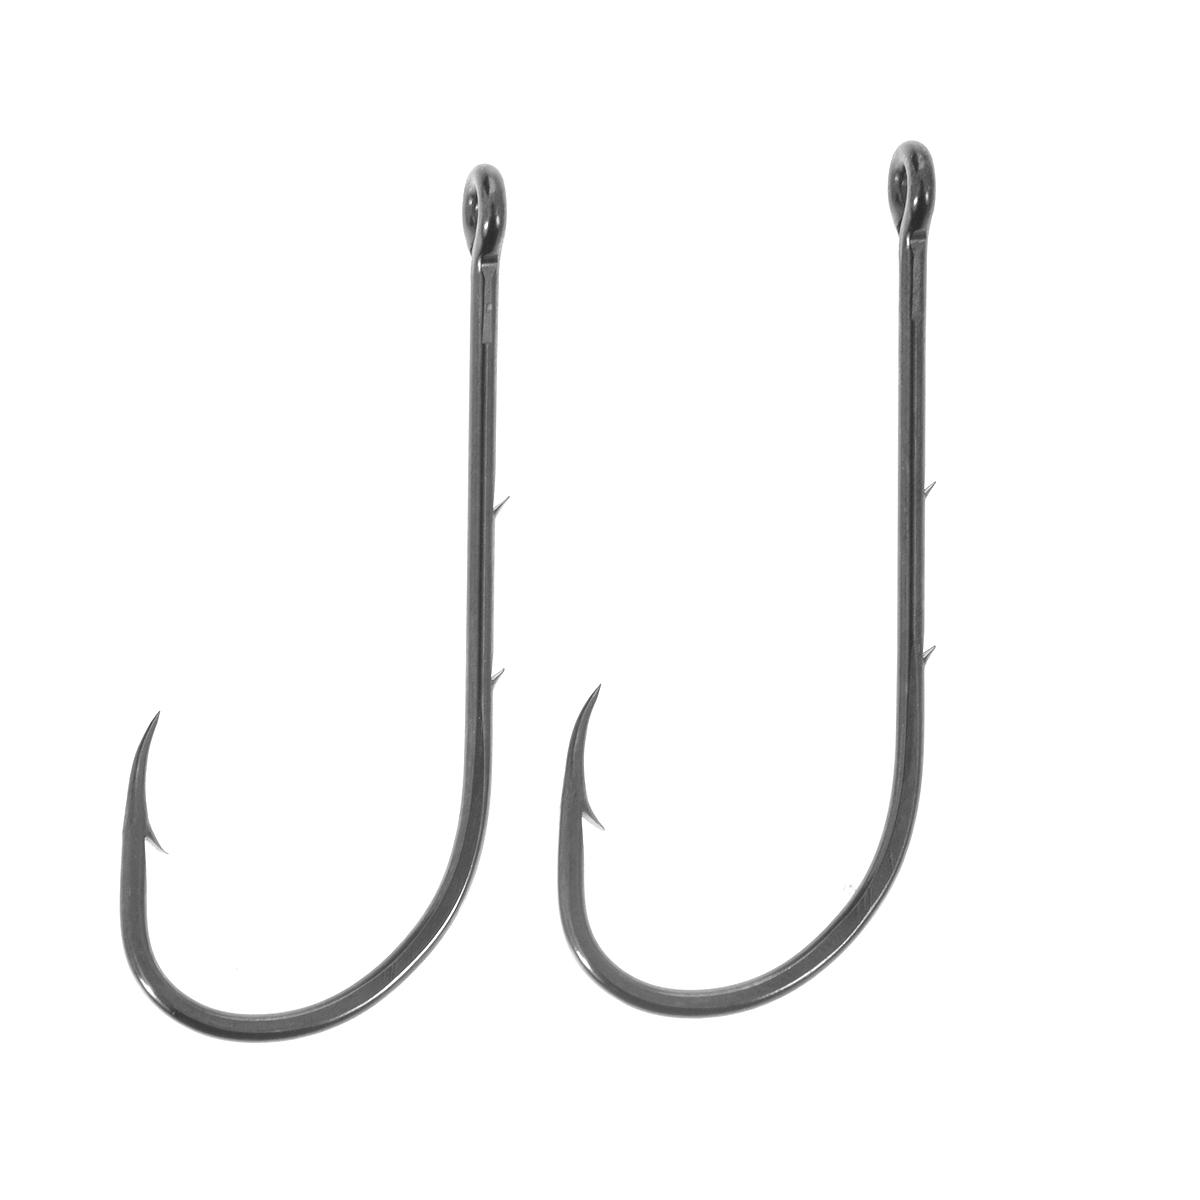 Крючки рыболовные Cobra Baitholder, цвет: черный, размер 10/0, 2 шт23042Классическая форма крупных крючков Cobra Baitholder c круглым загибом и отогнутым в сторону цевья жалом. Рекомендуется для ловли самой крупной трофейной рыбы. Благодаря двум дополнительным бородкам на цевье, прочно удерживают любую насадку.